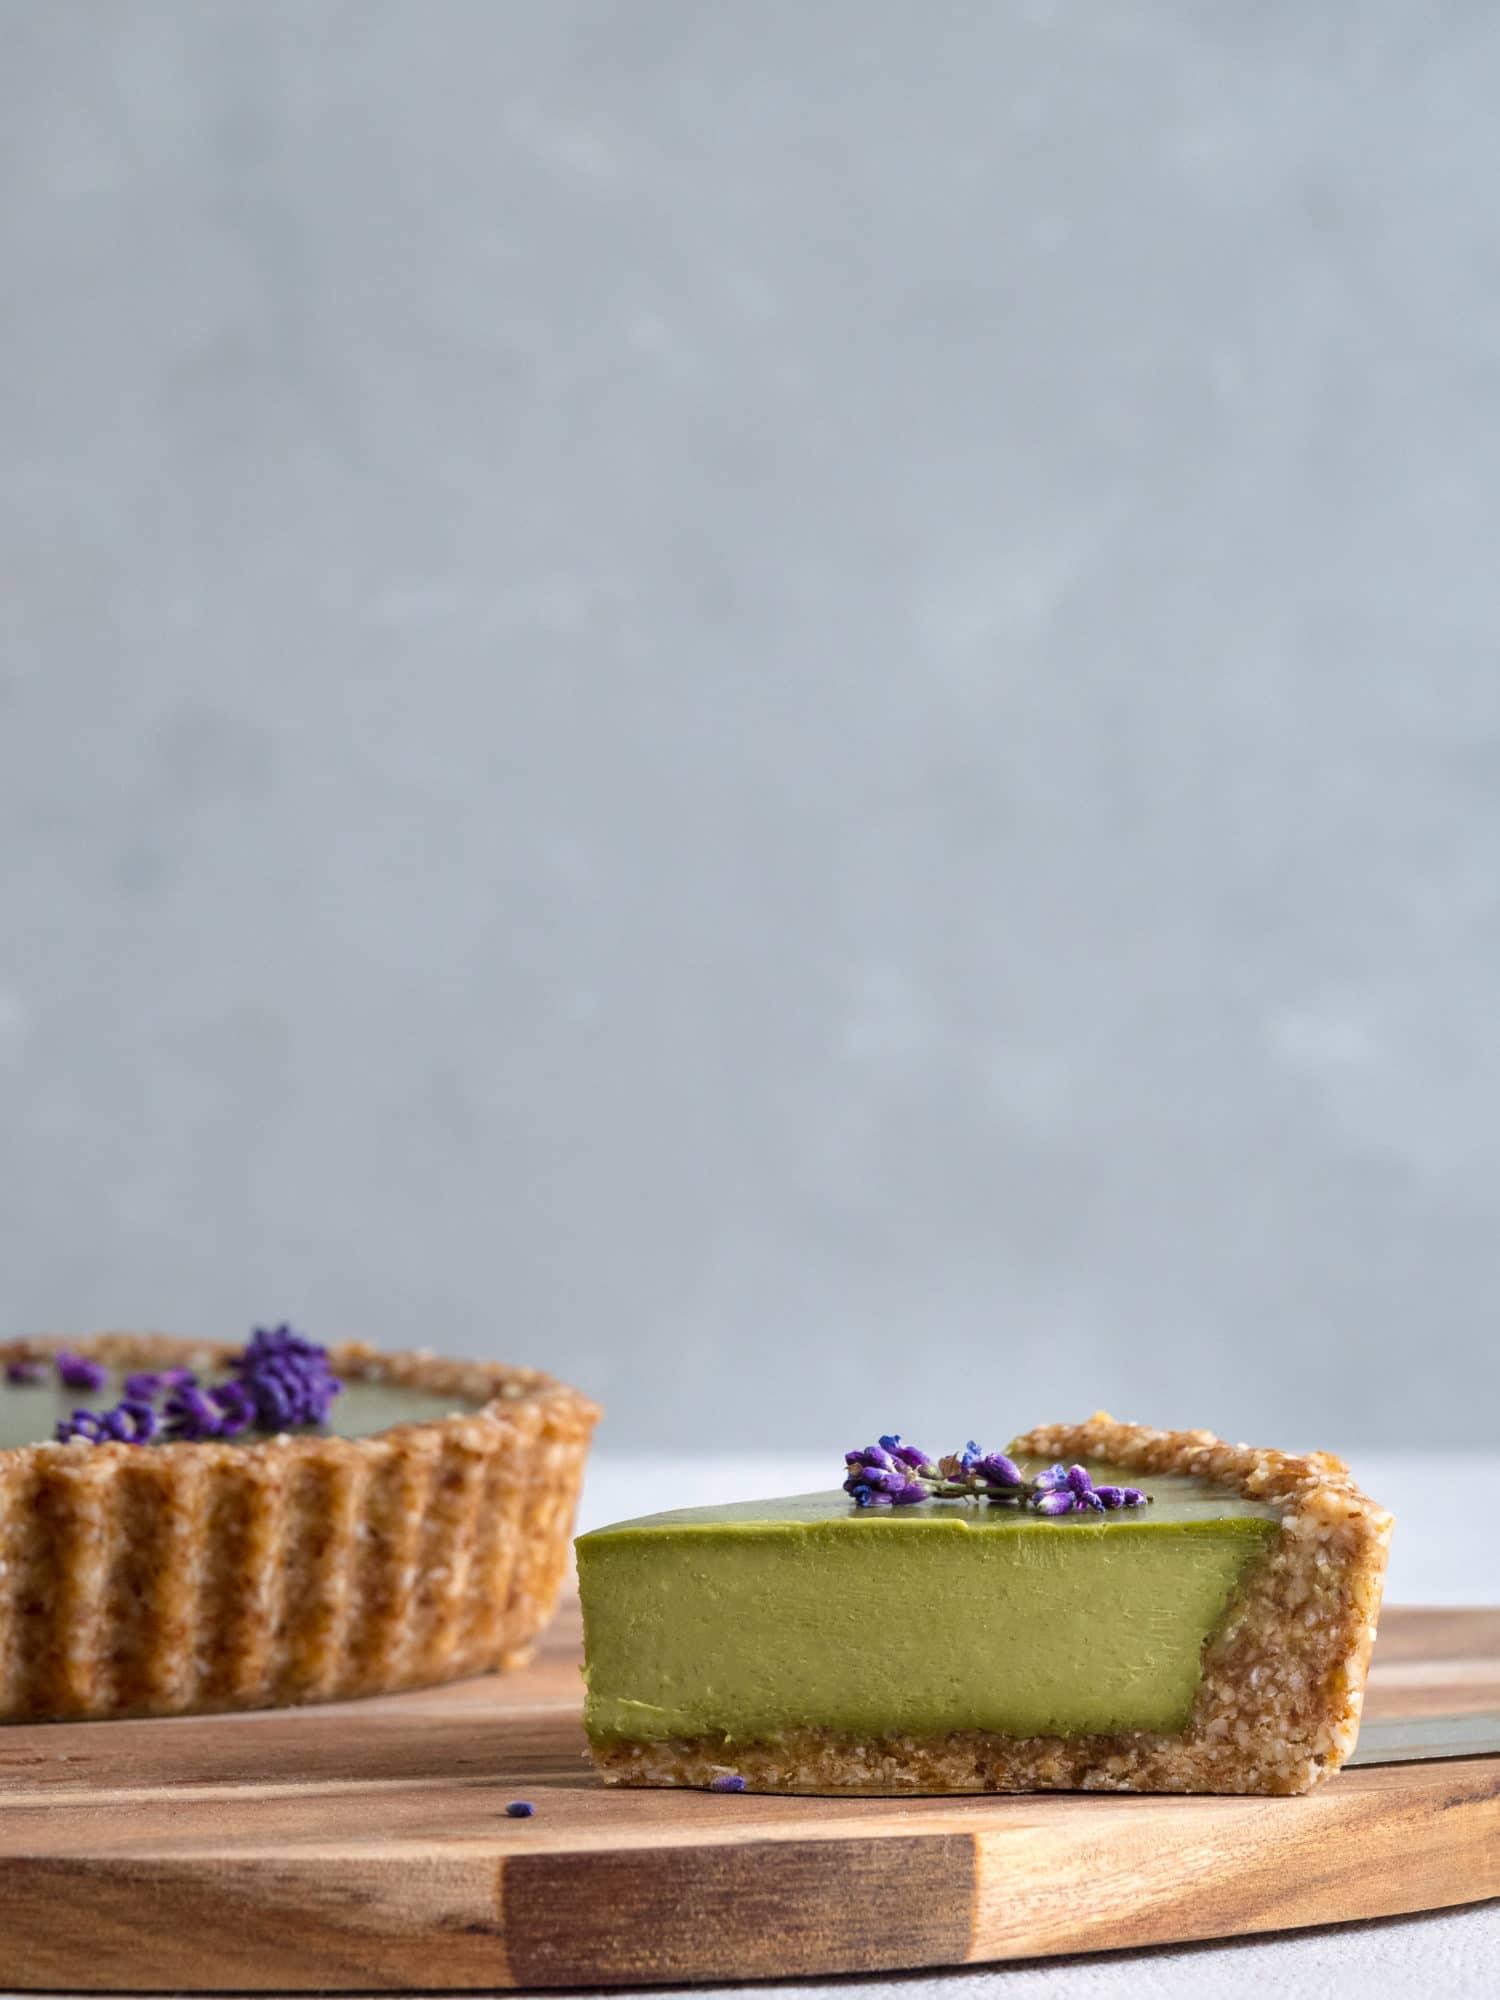 Ein Stück der Matcha Lavendel Tarte. Vegan, Zuckerfrei, gutenfrei Backen. Veganer Foodblog. Happy Mood Food.